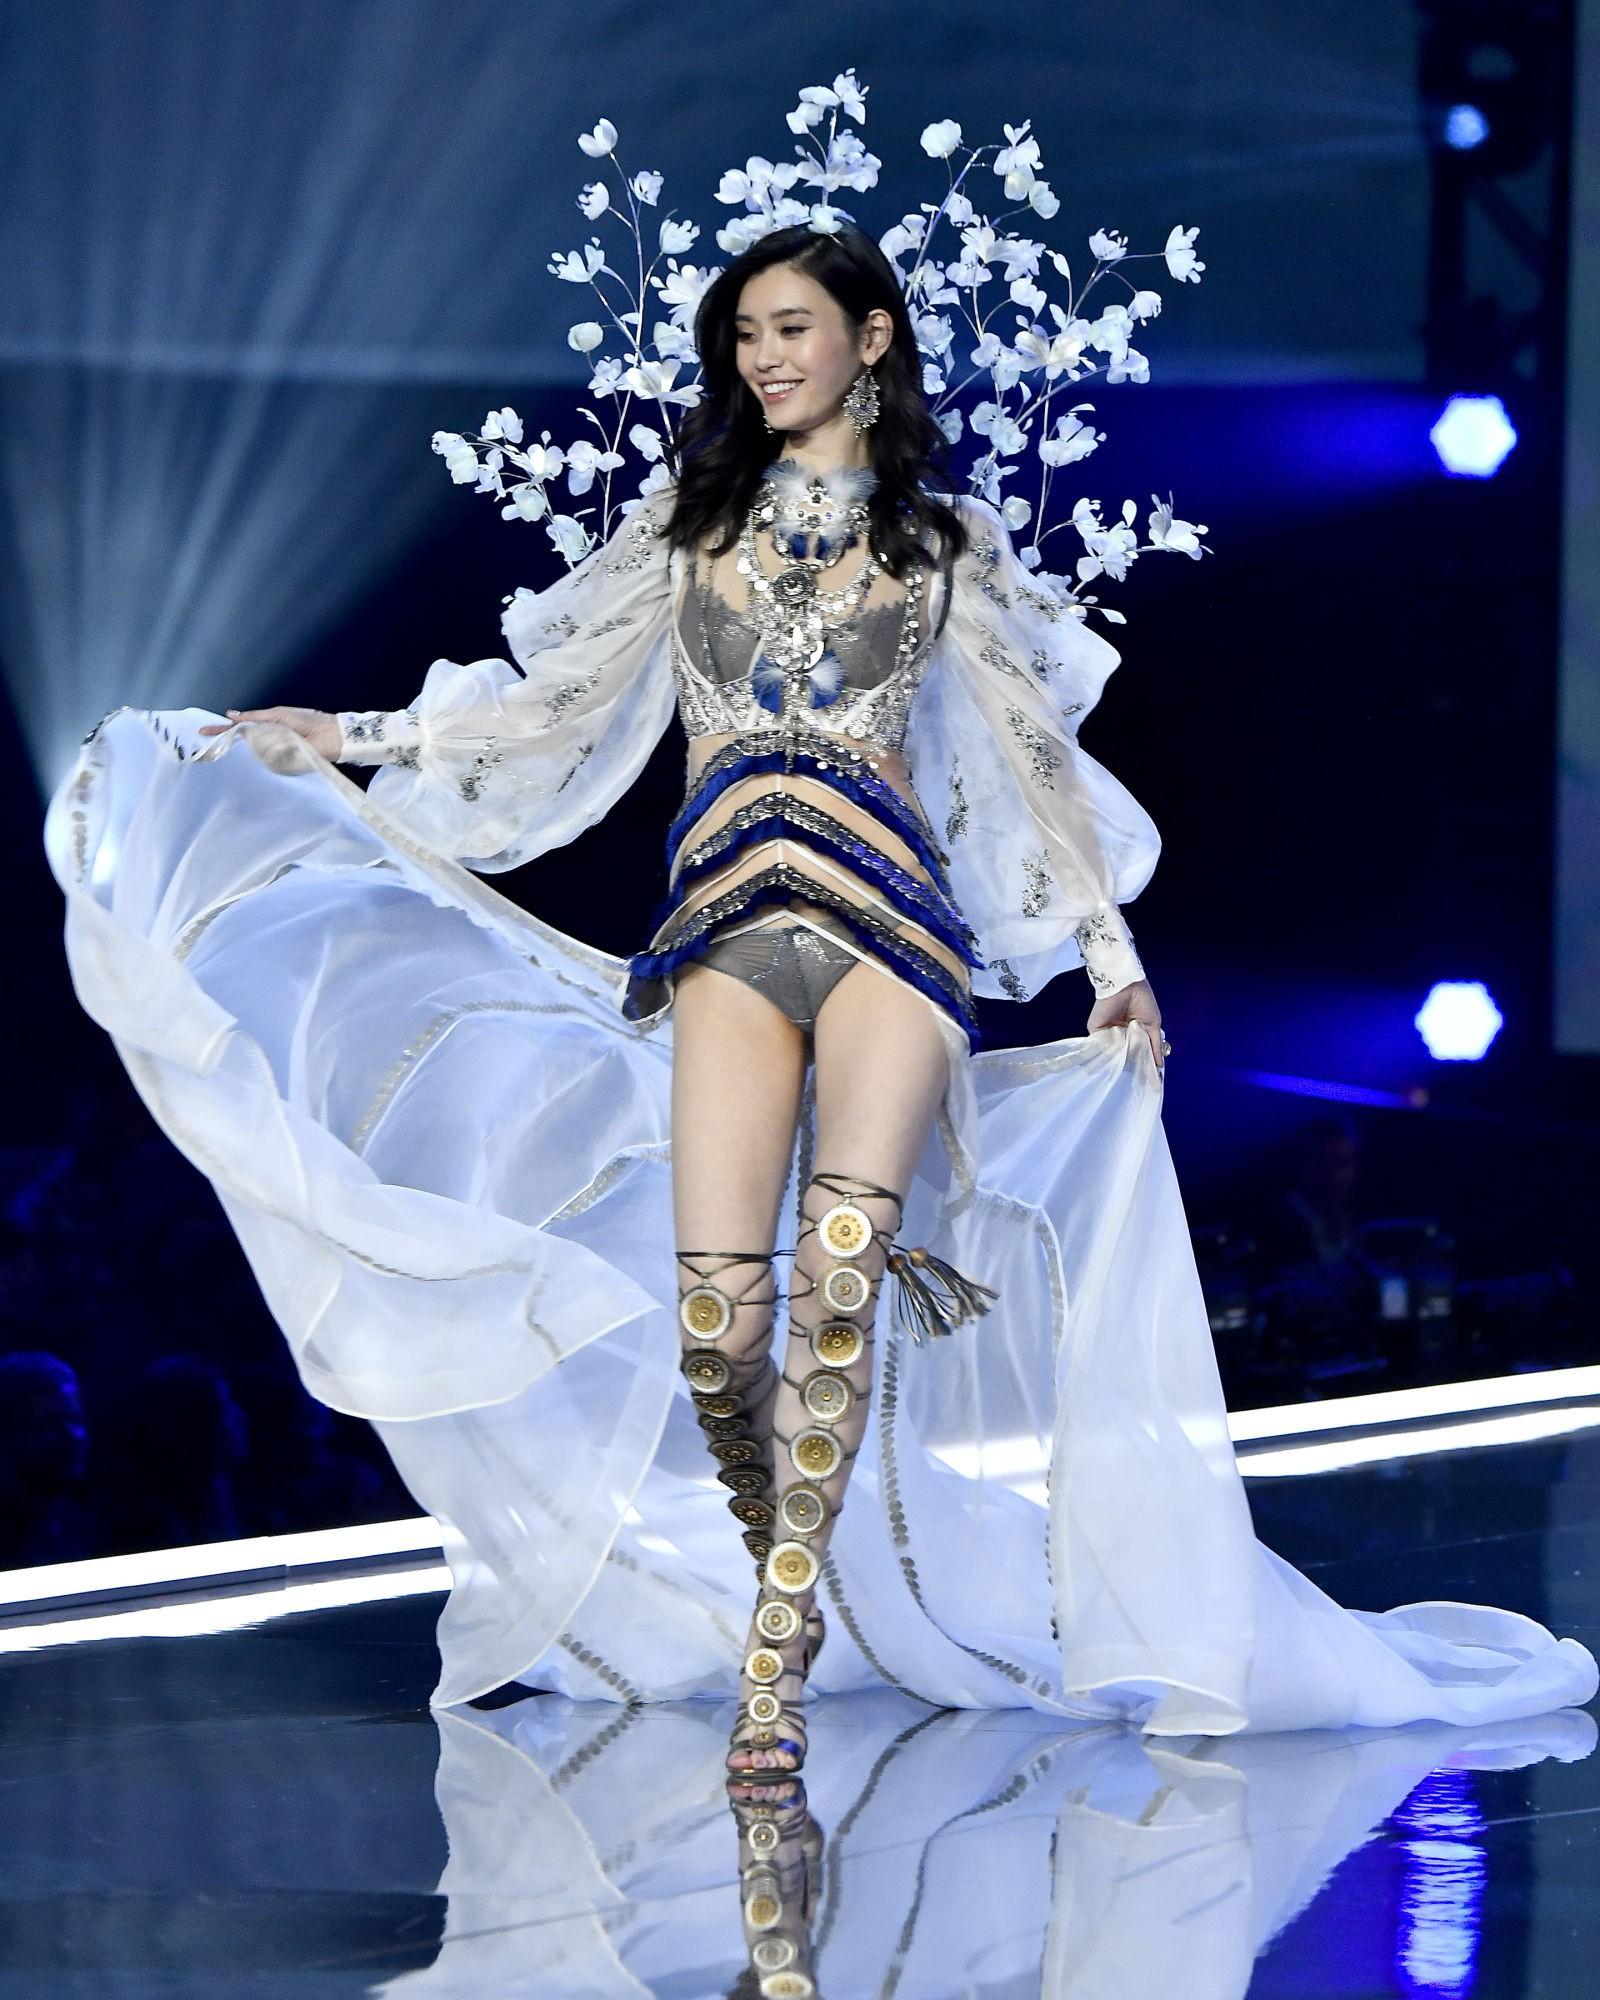 HOT: Victorias Secret Fashion Show 2017 đẹp ngoài sức tưởng tượng, Lais Ribeiro quá lộng lẫy với Fantasy Bra 2 triệu USD - Ảnh 25.